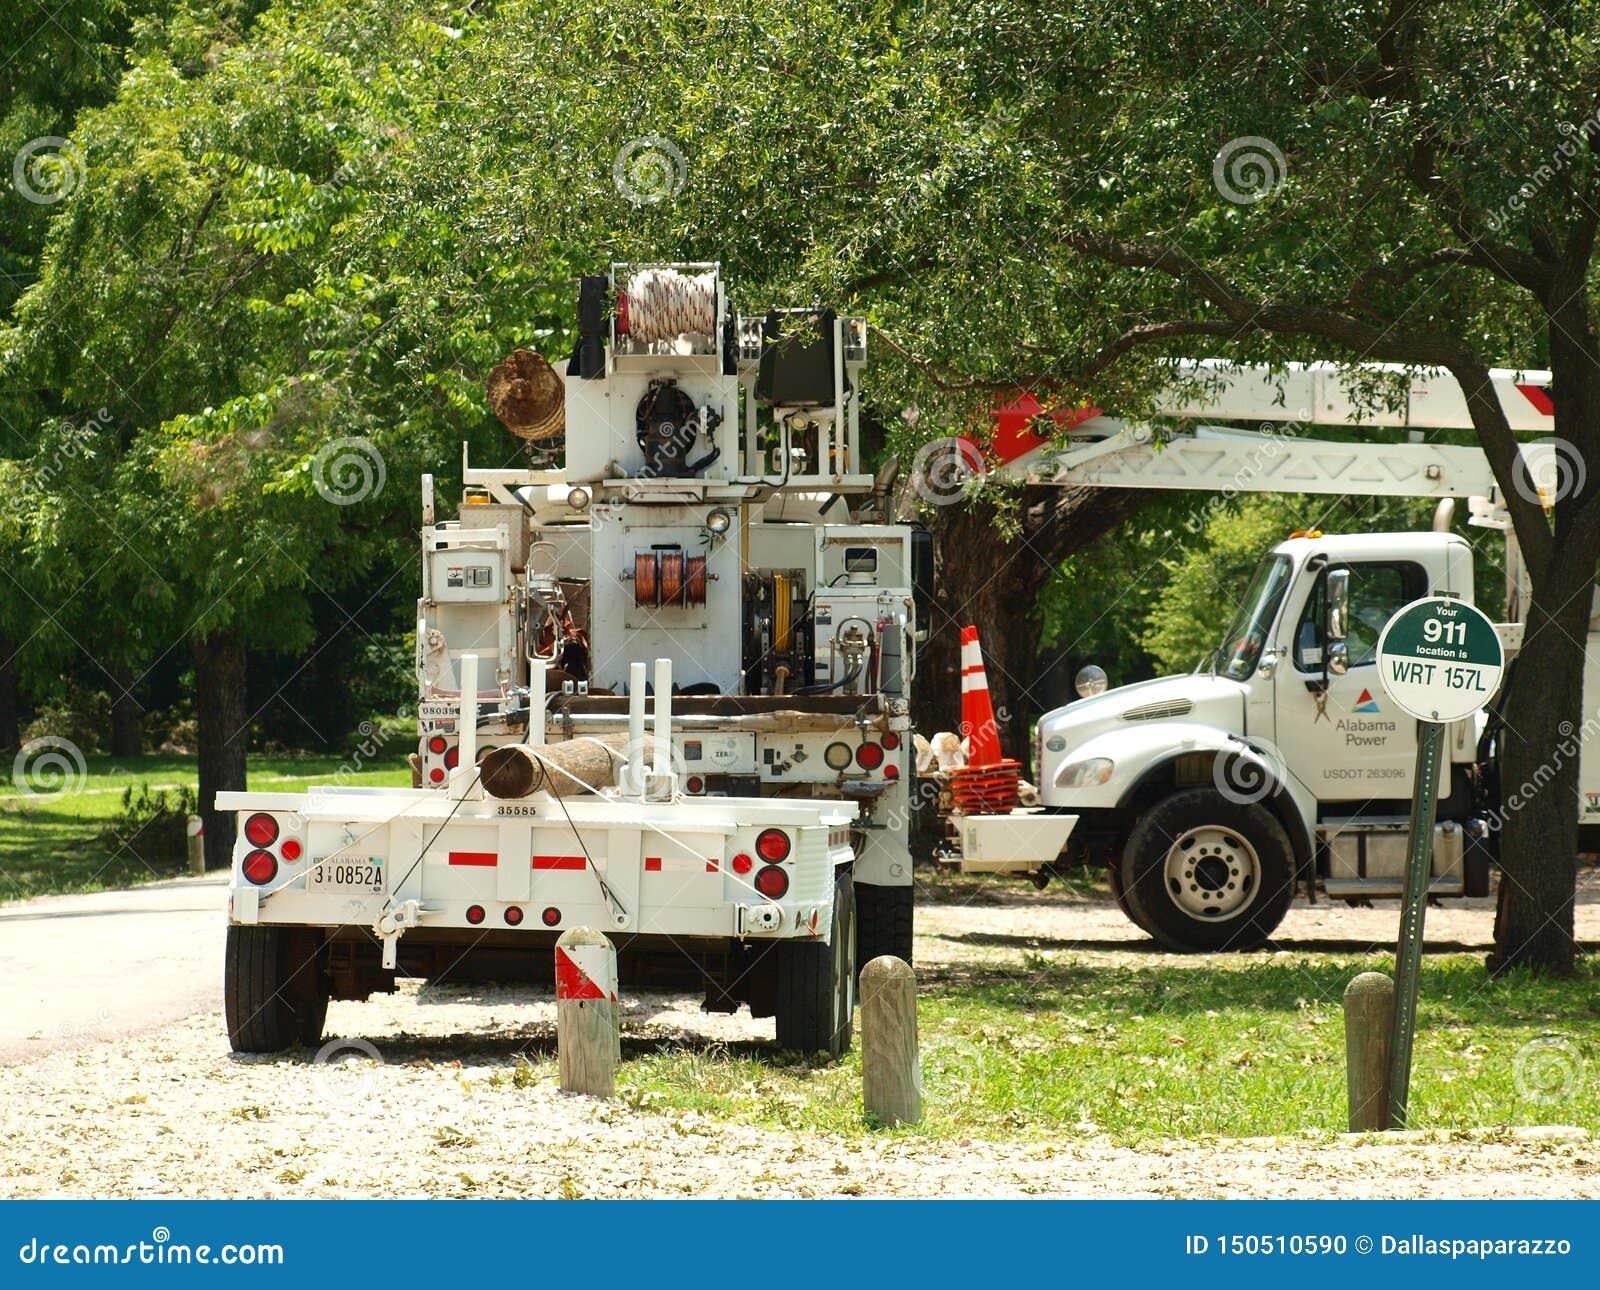 Deze Bemanning van Alabama was Één van 11 Staten die kwamen helpen